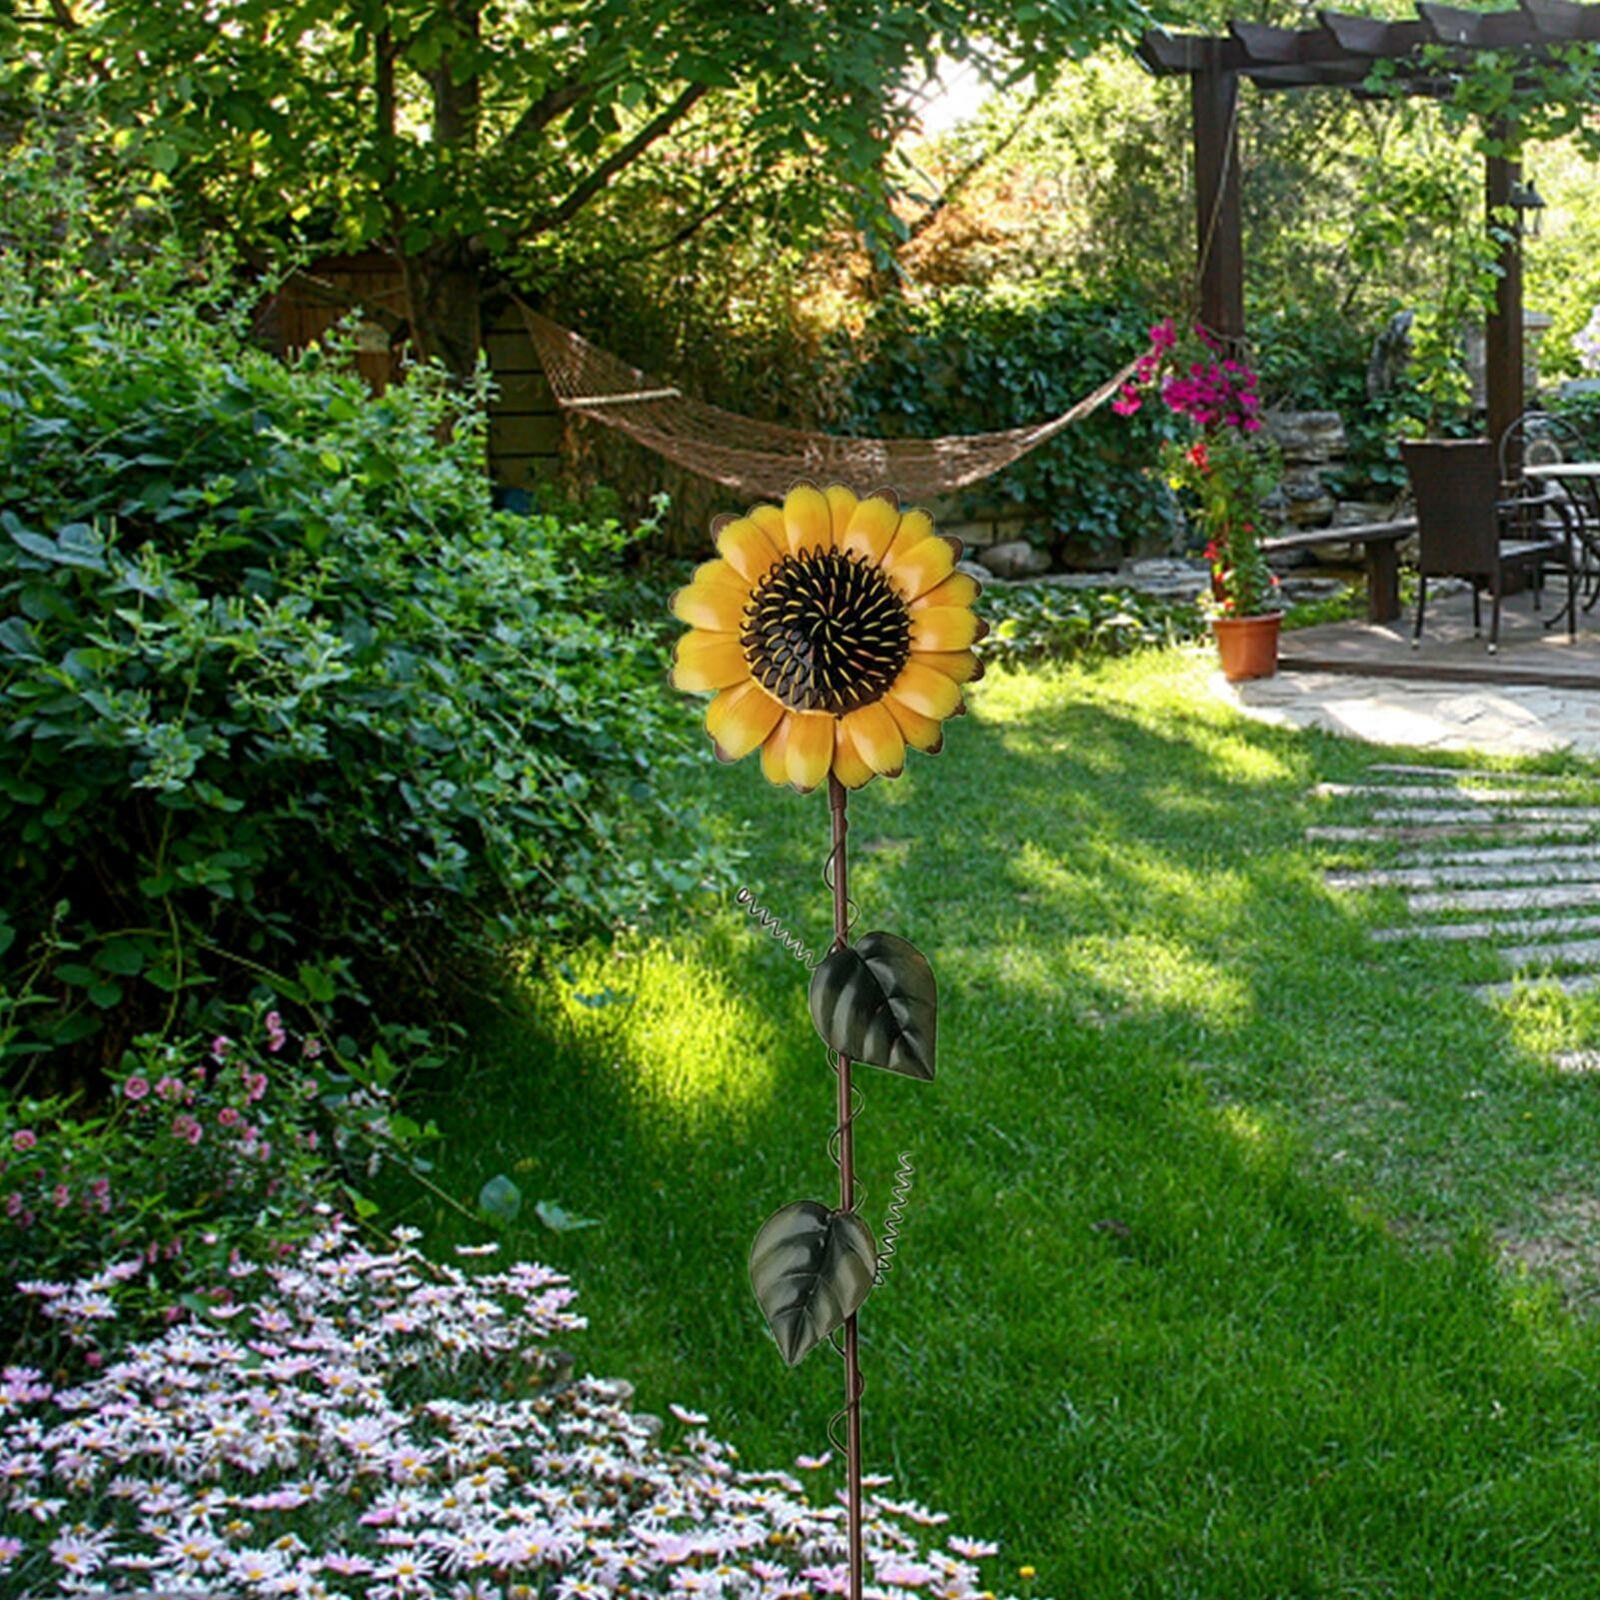 Цветы, садовые стойки, двор, Декор, плантаж, садовый двор, газон, внутренний двор, Декор, 13x54 см